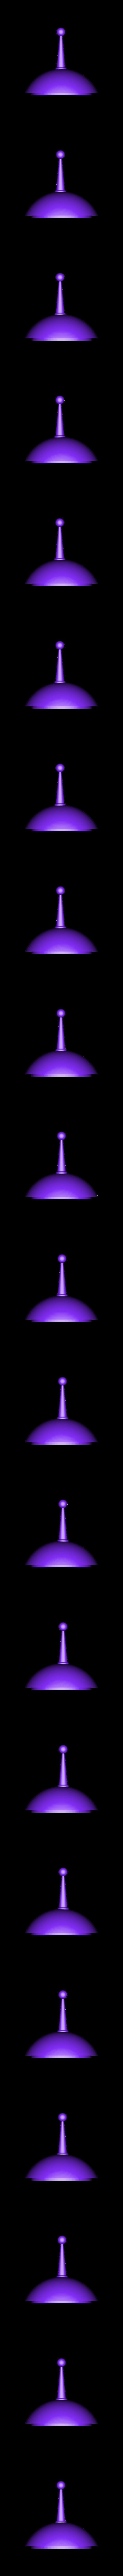 """Bender tirelire couvercle.stl Télécharger fichier STL gratuit tirelire """"Bender"""" • Design pour impression 3D, psl"""